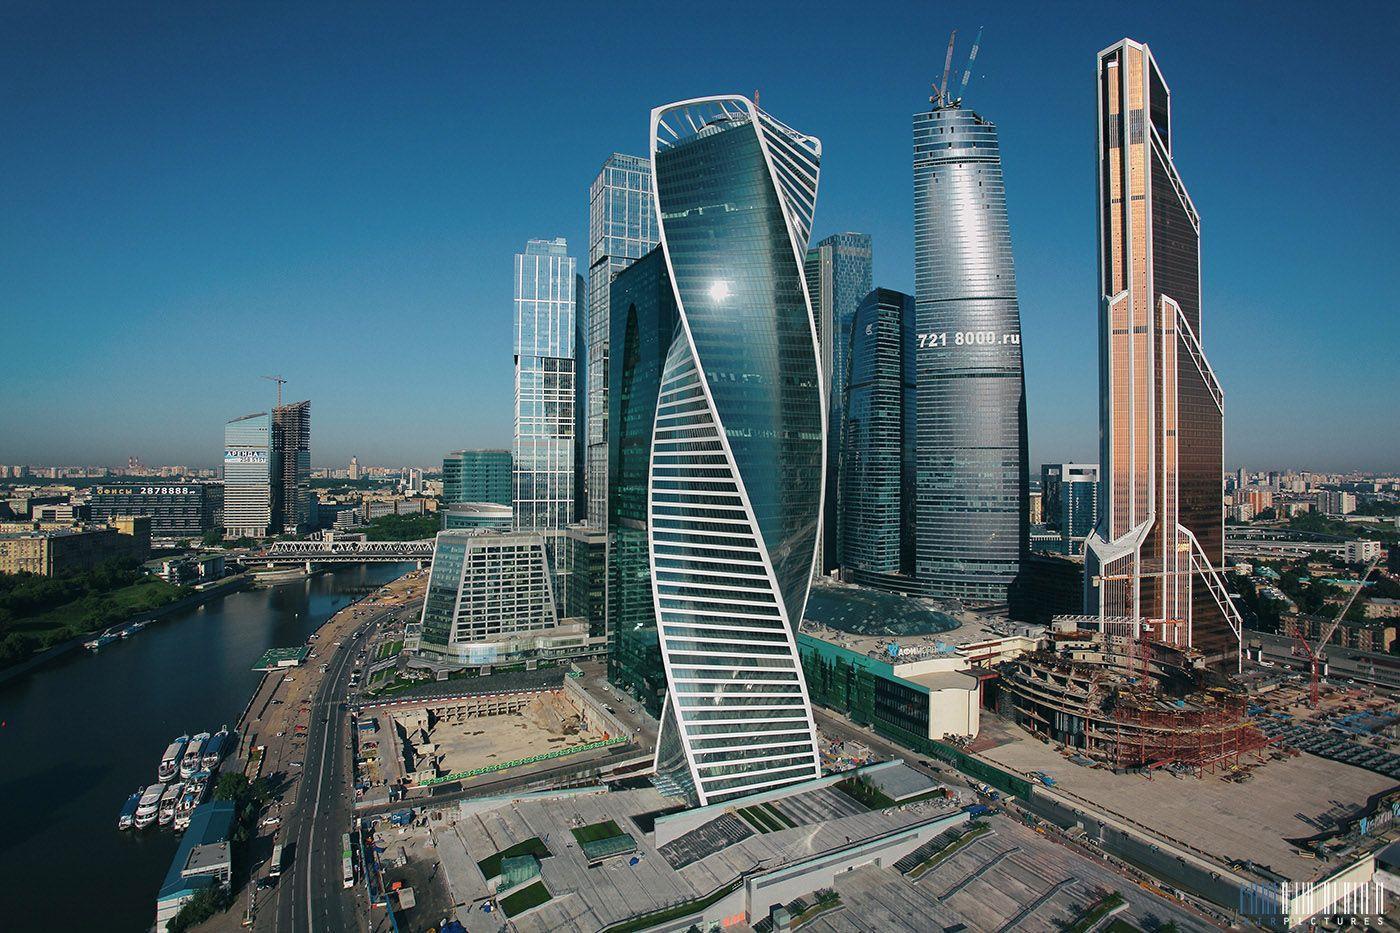 10 tòa tháp xoắn ốc đẹp ấn tượng thế giới Ảnh 1